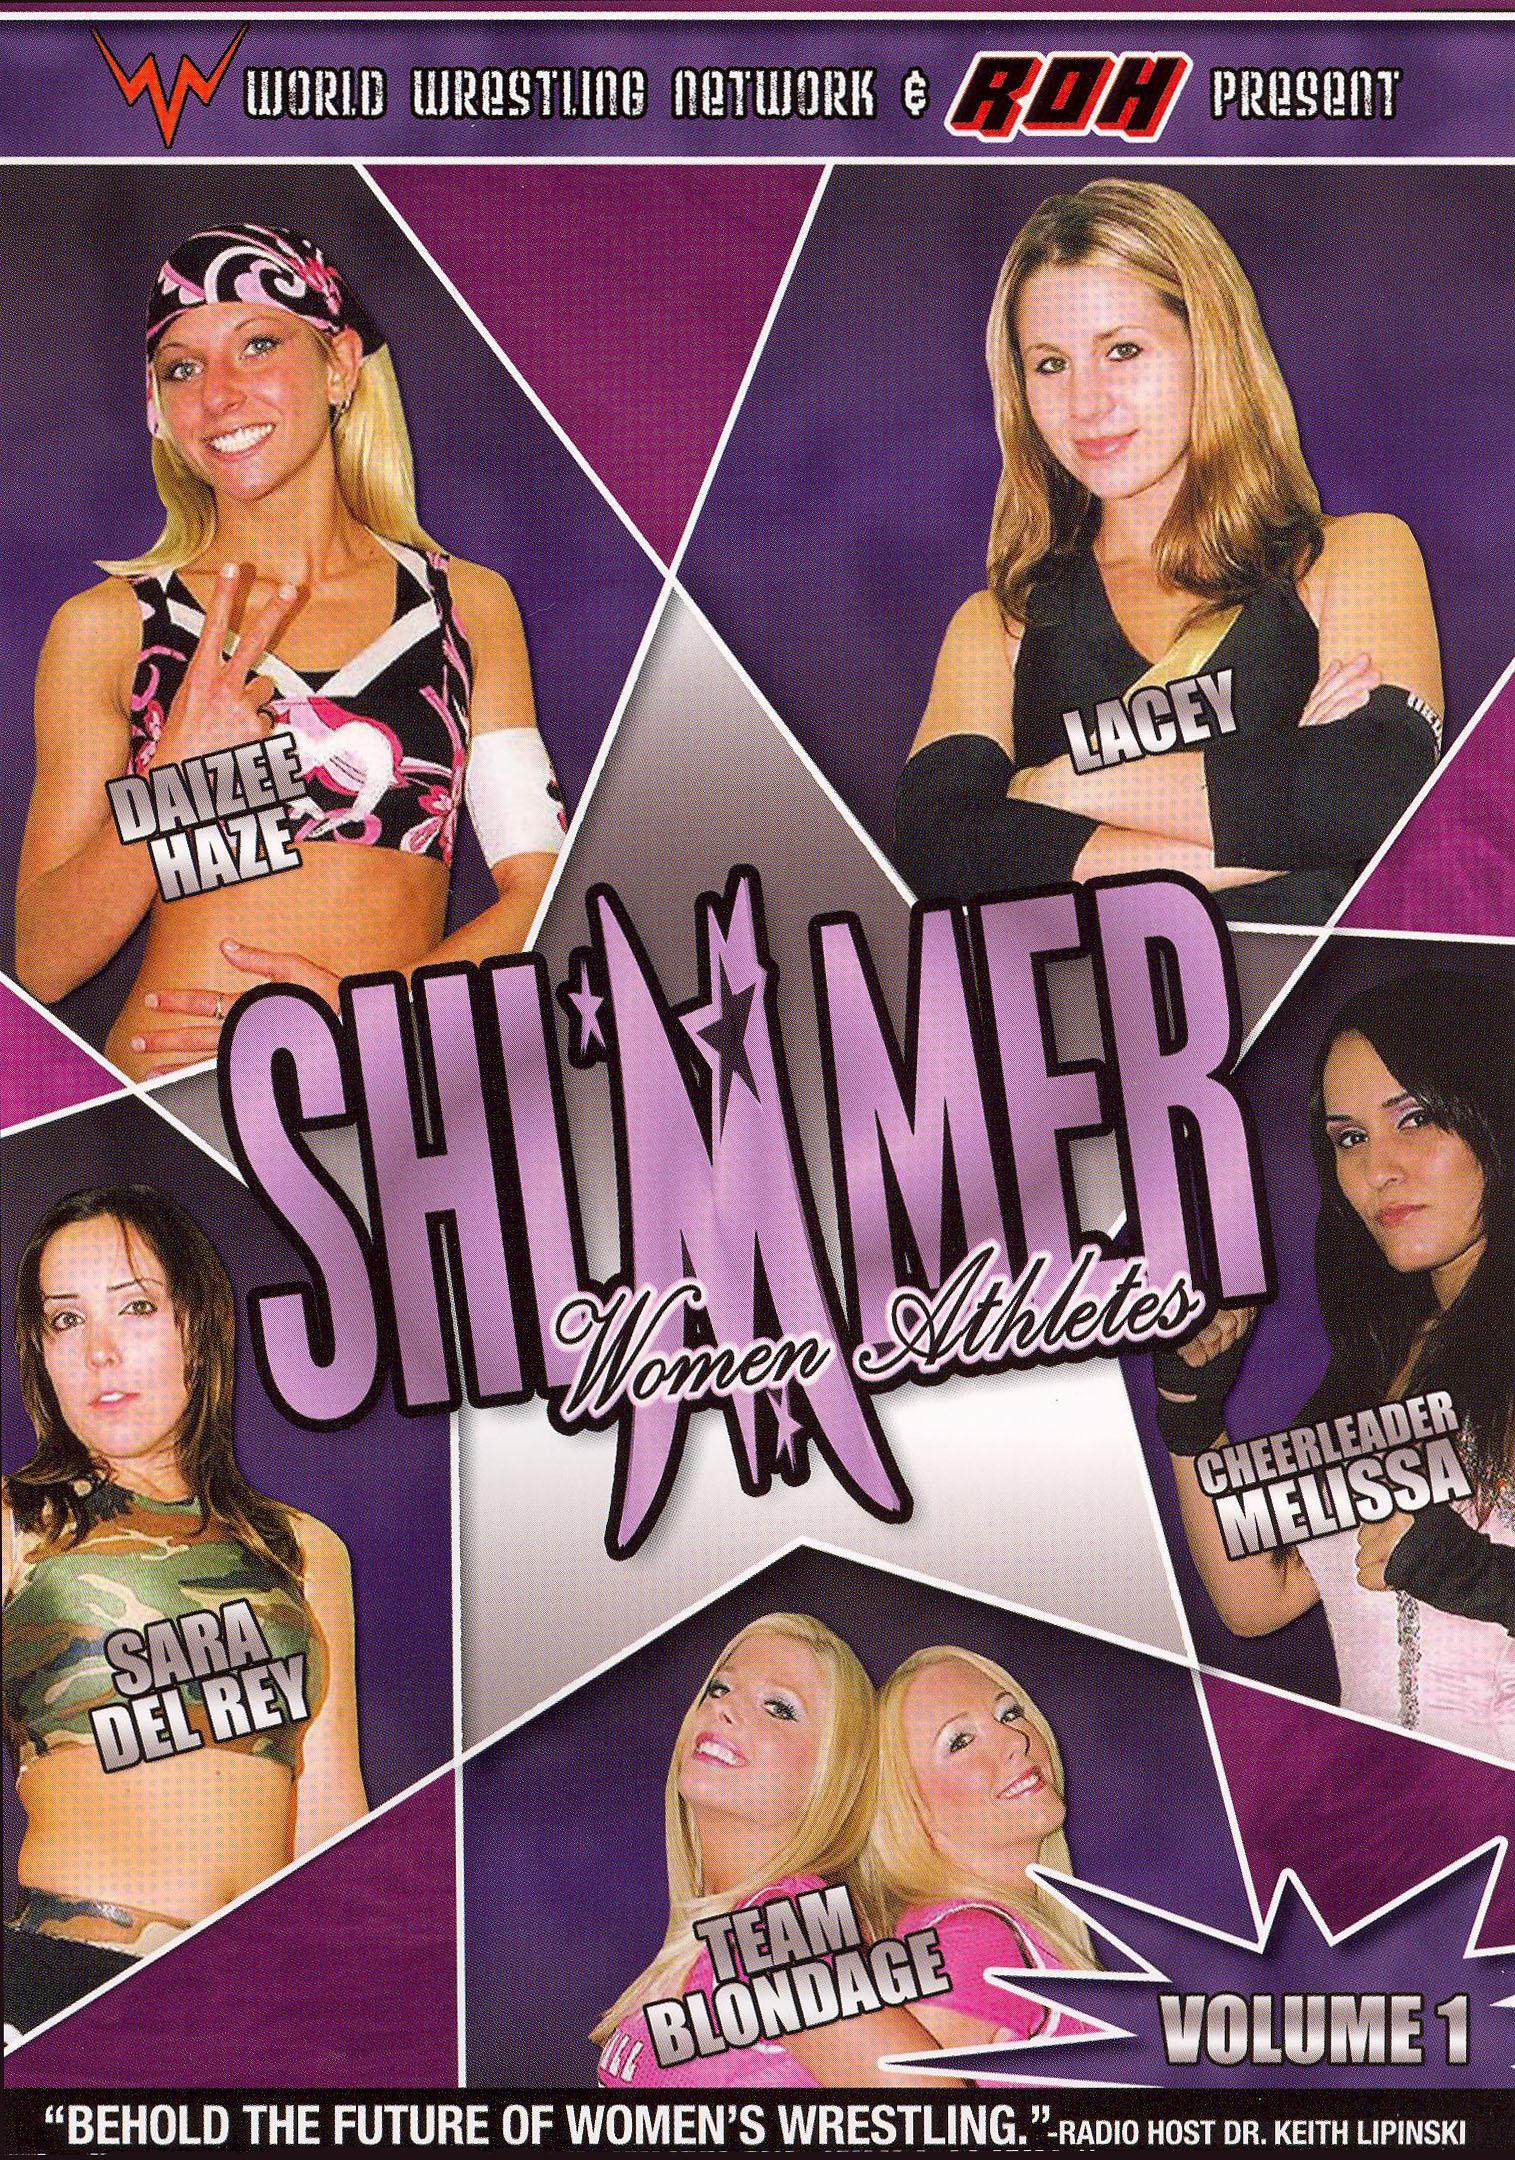 World Wrestling Network Presents: FIP - Shimmer, Vol. 1